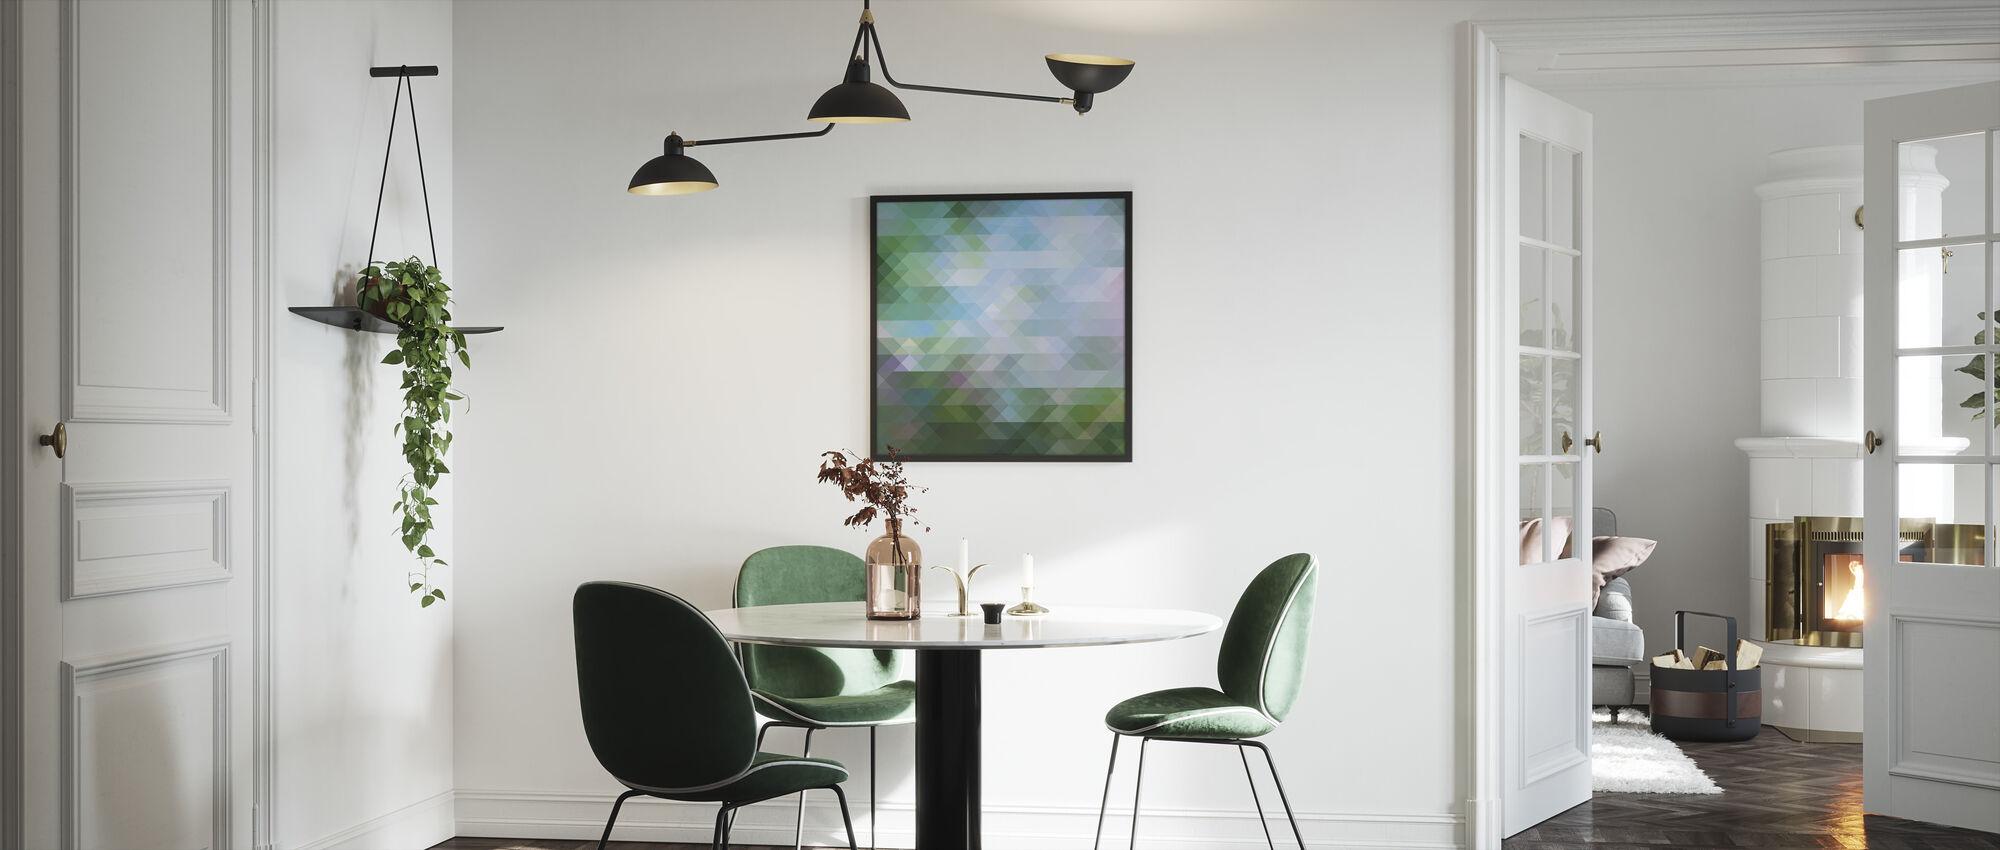 Abstrakt trekantet mønster 2 - Innrammet bilde - Kjøkken